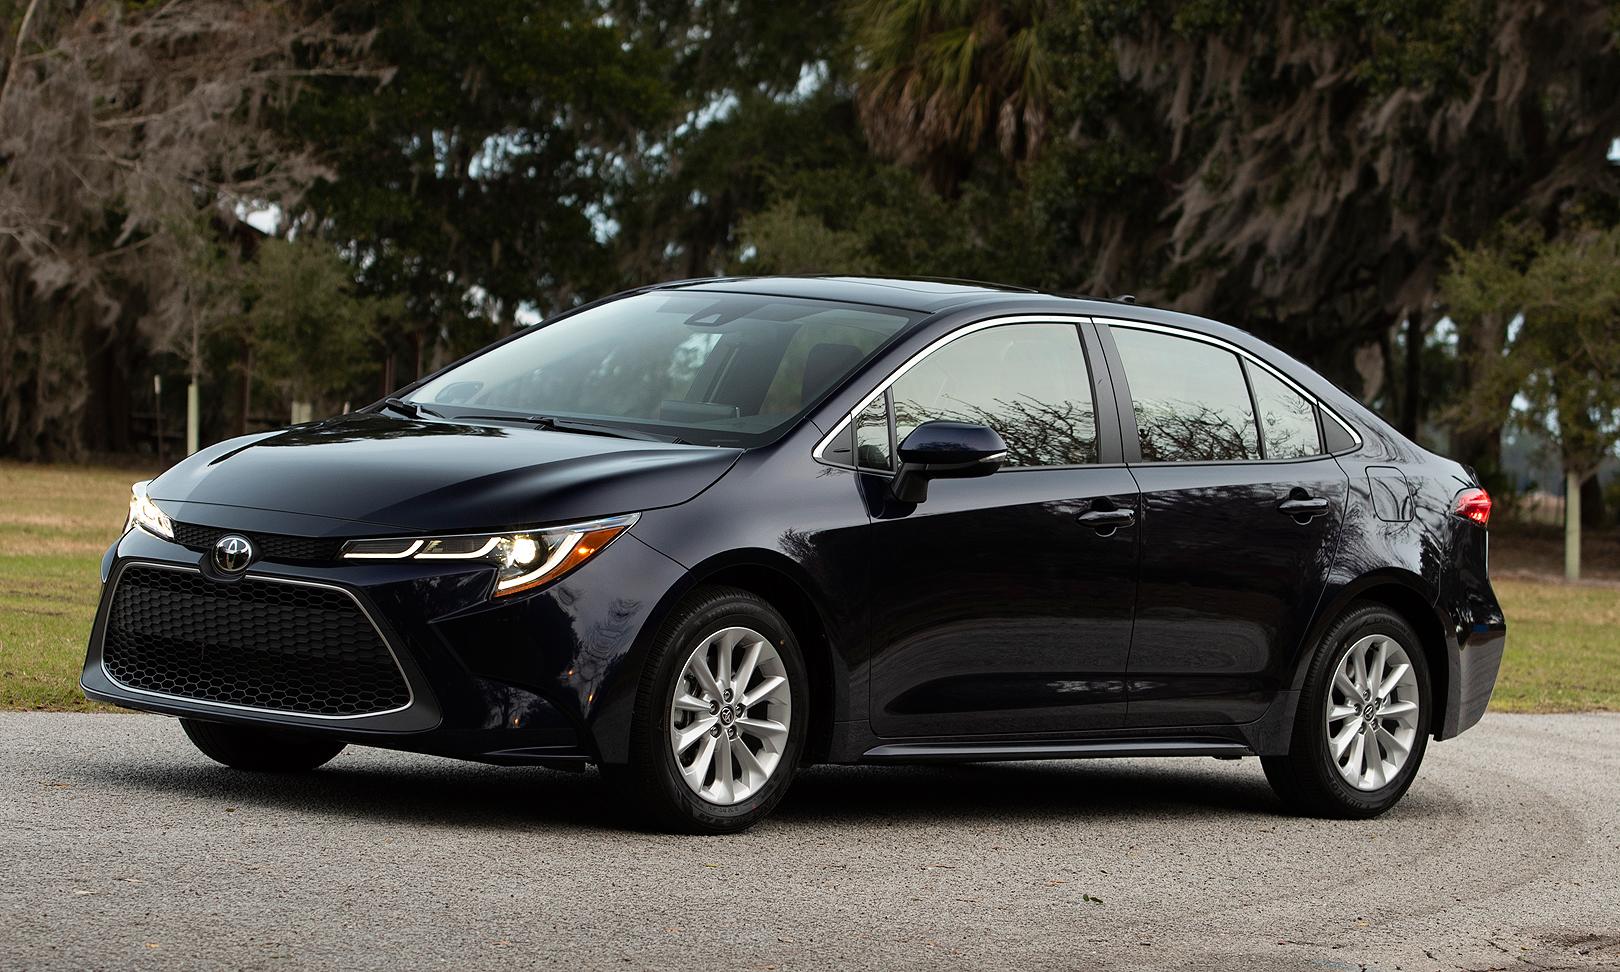 2020 Toyota Corolla model prices $800-$2,570